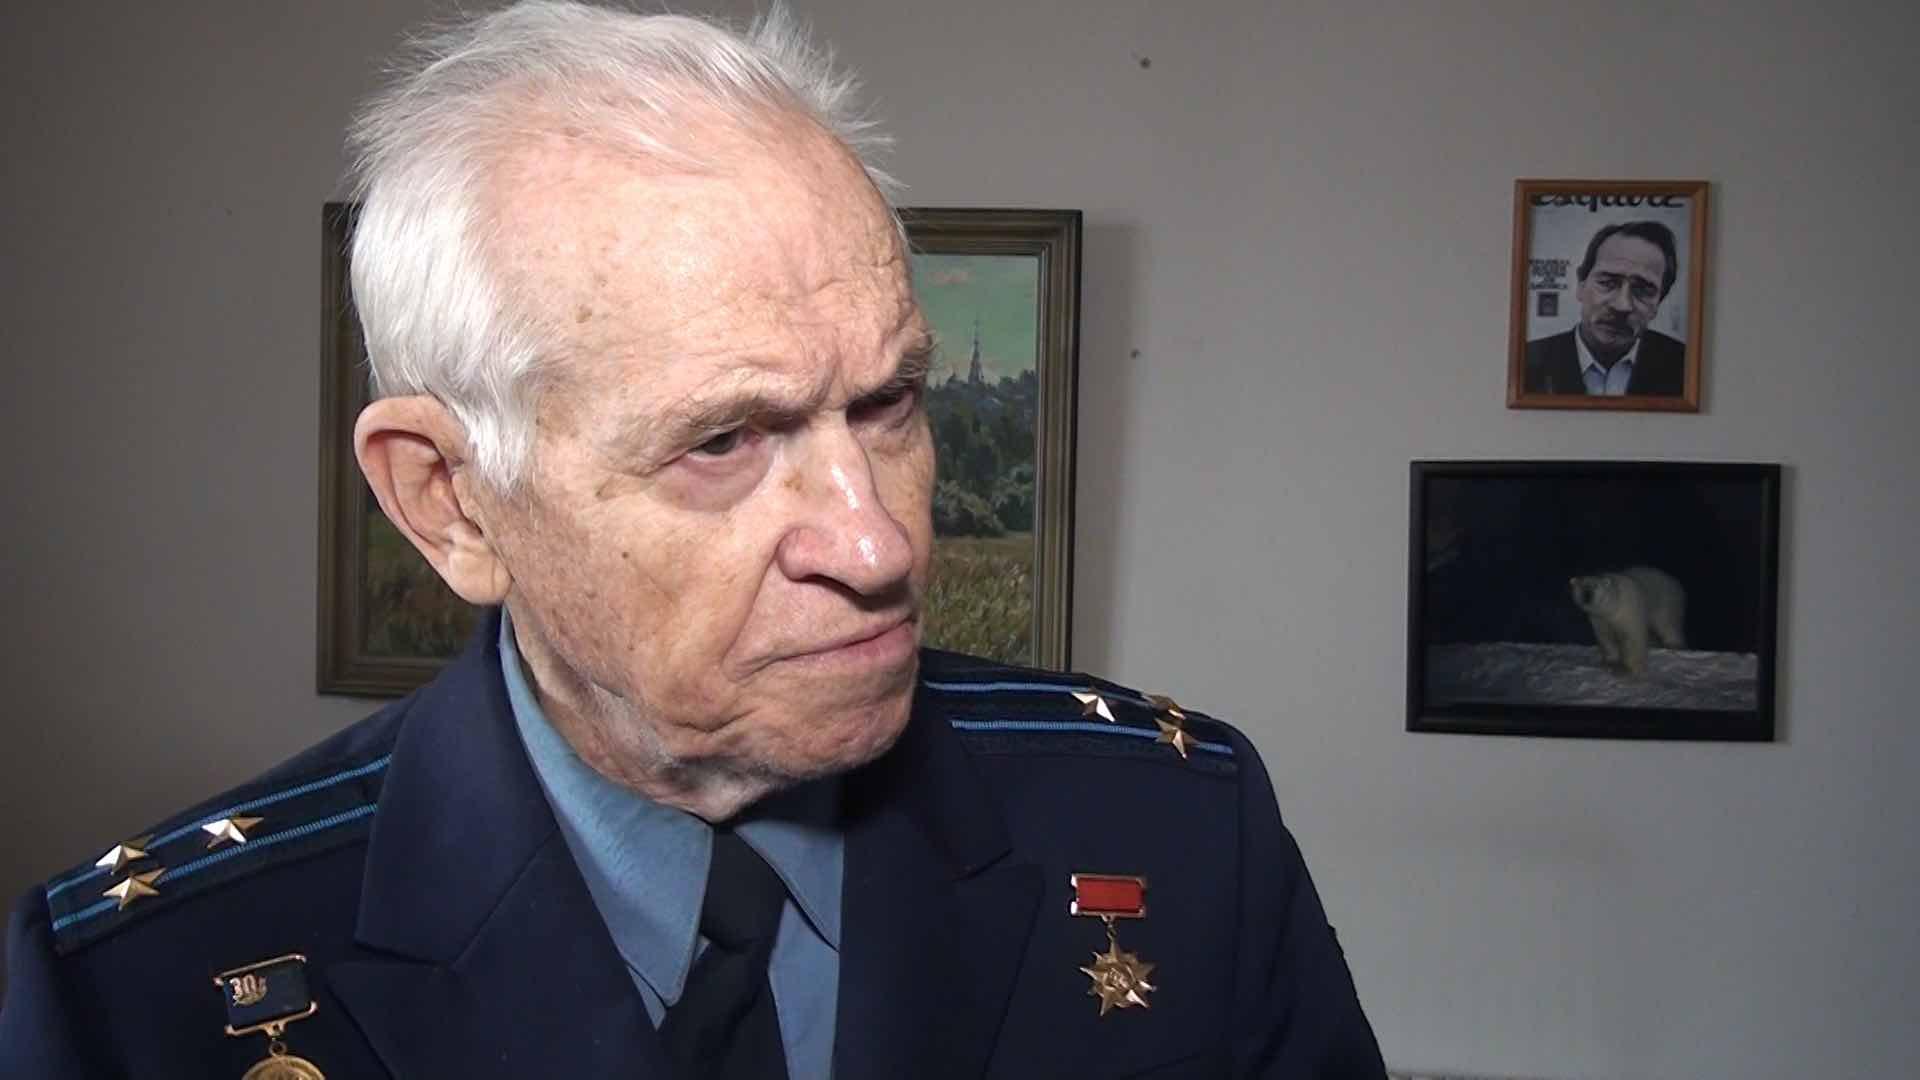 Слухи о том чтобы убрать прах Юрия Гагарина из Кремлевской стены,обсуждают в сети